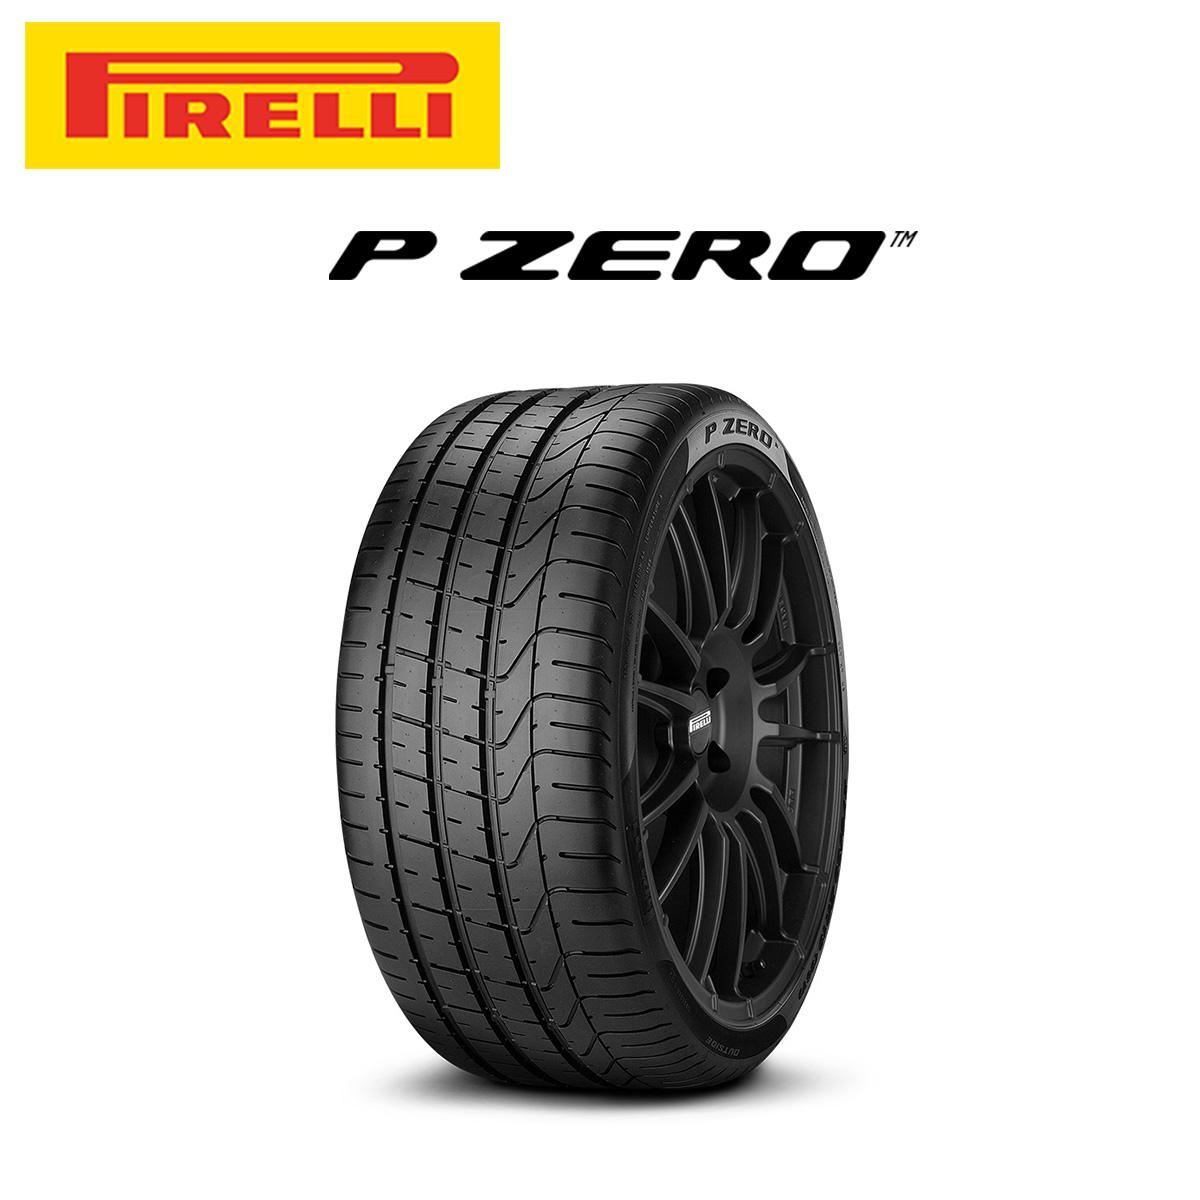 ピレリ PIRELLI P ZERO ピーゼロ 19インチ サマー タイヤ 1本 265/50R19 110Y XL MGT:マセラティ承認タイヤ 2612100